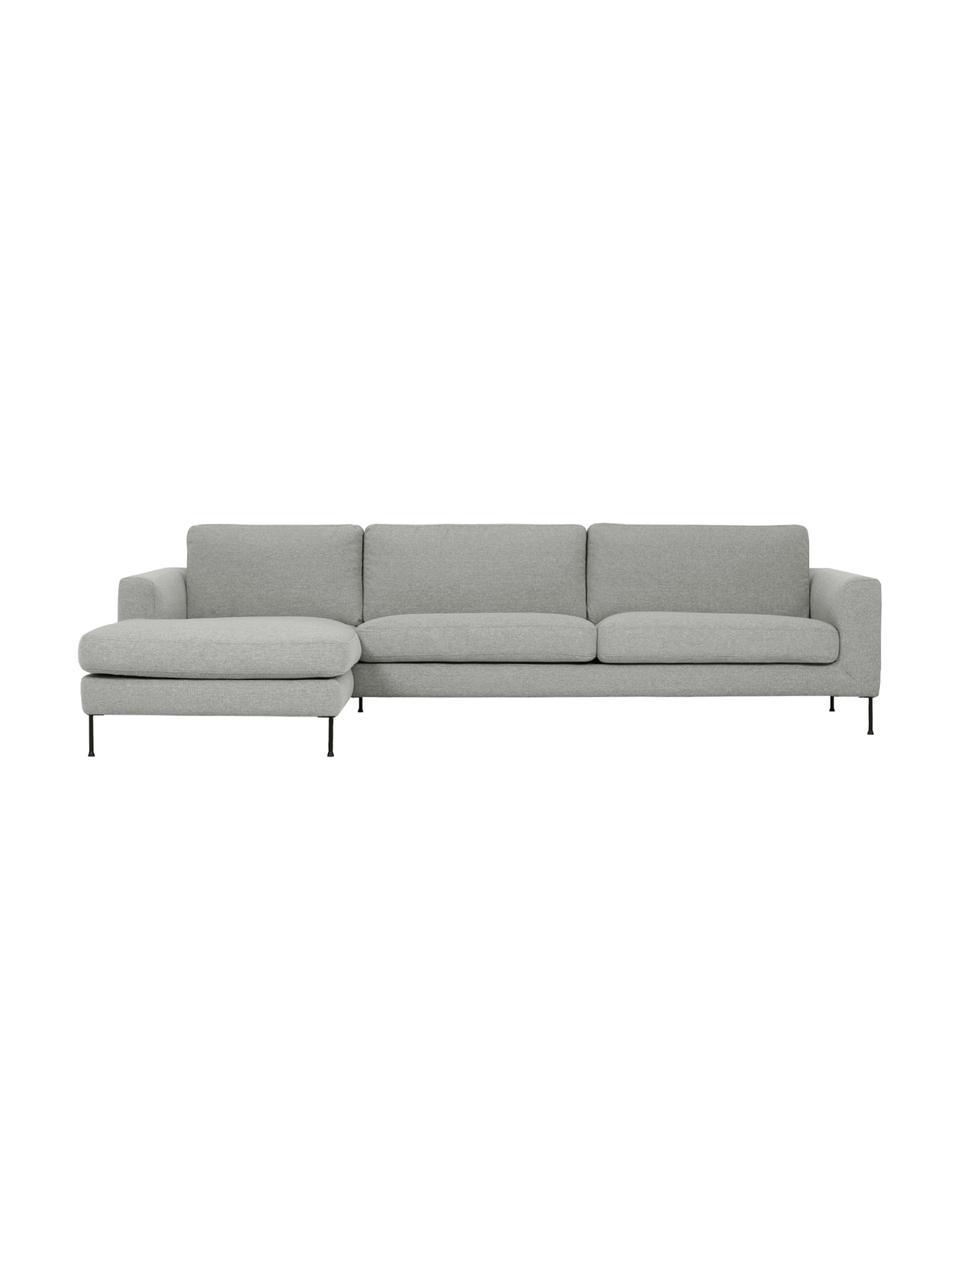 Canapé d'angle 4places gris clair Cucita, Tissu gris